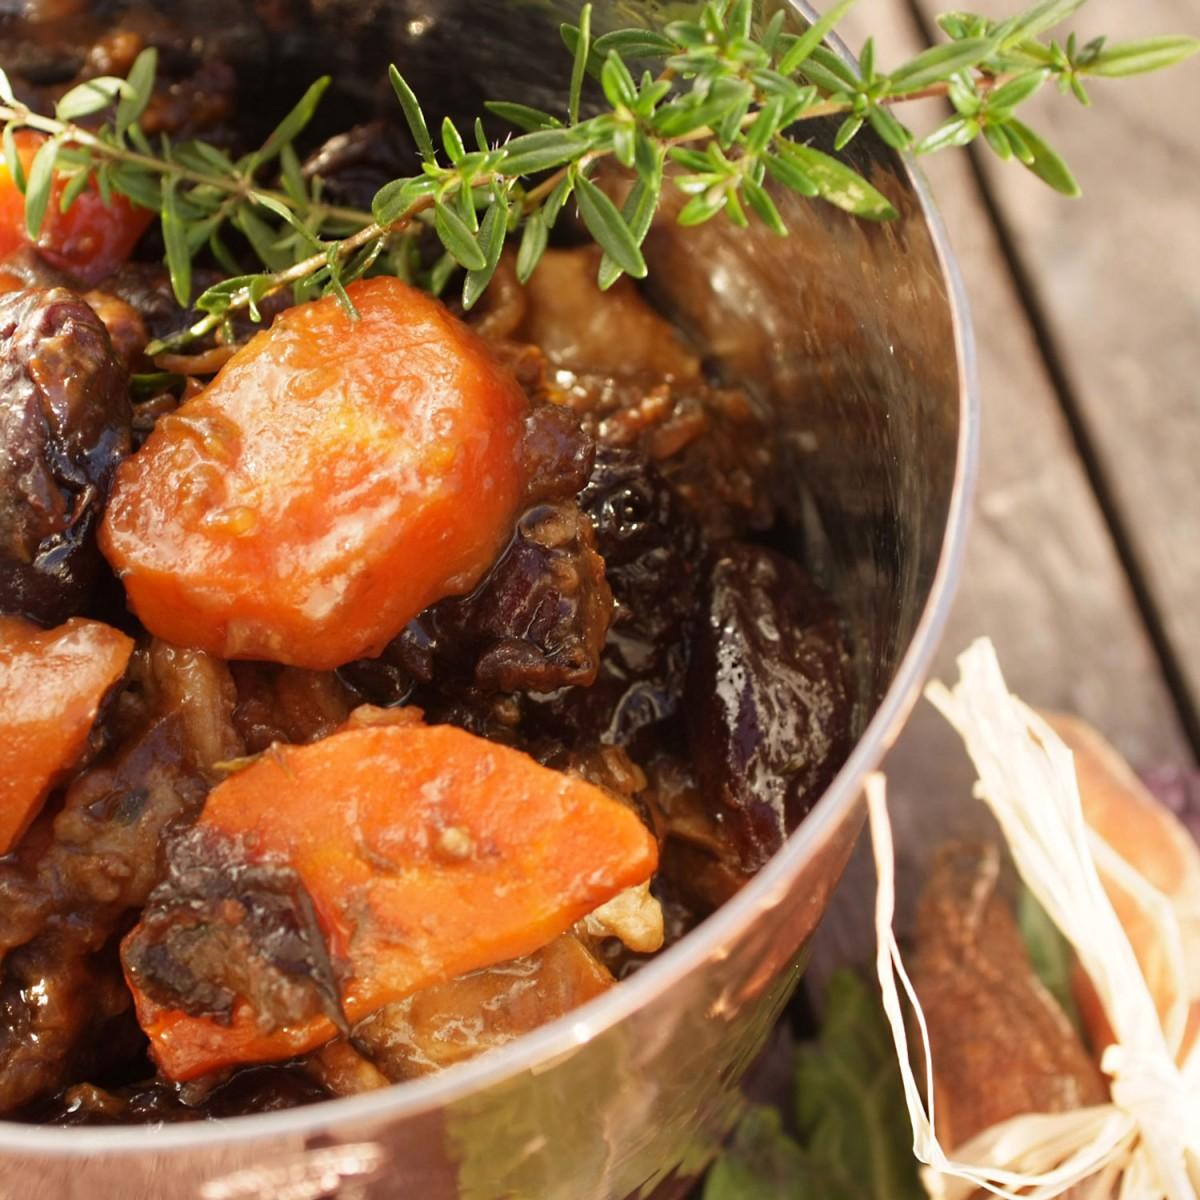 Bœuf-carottes-maison